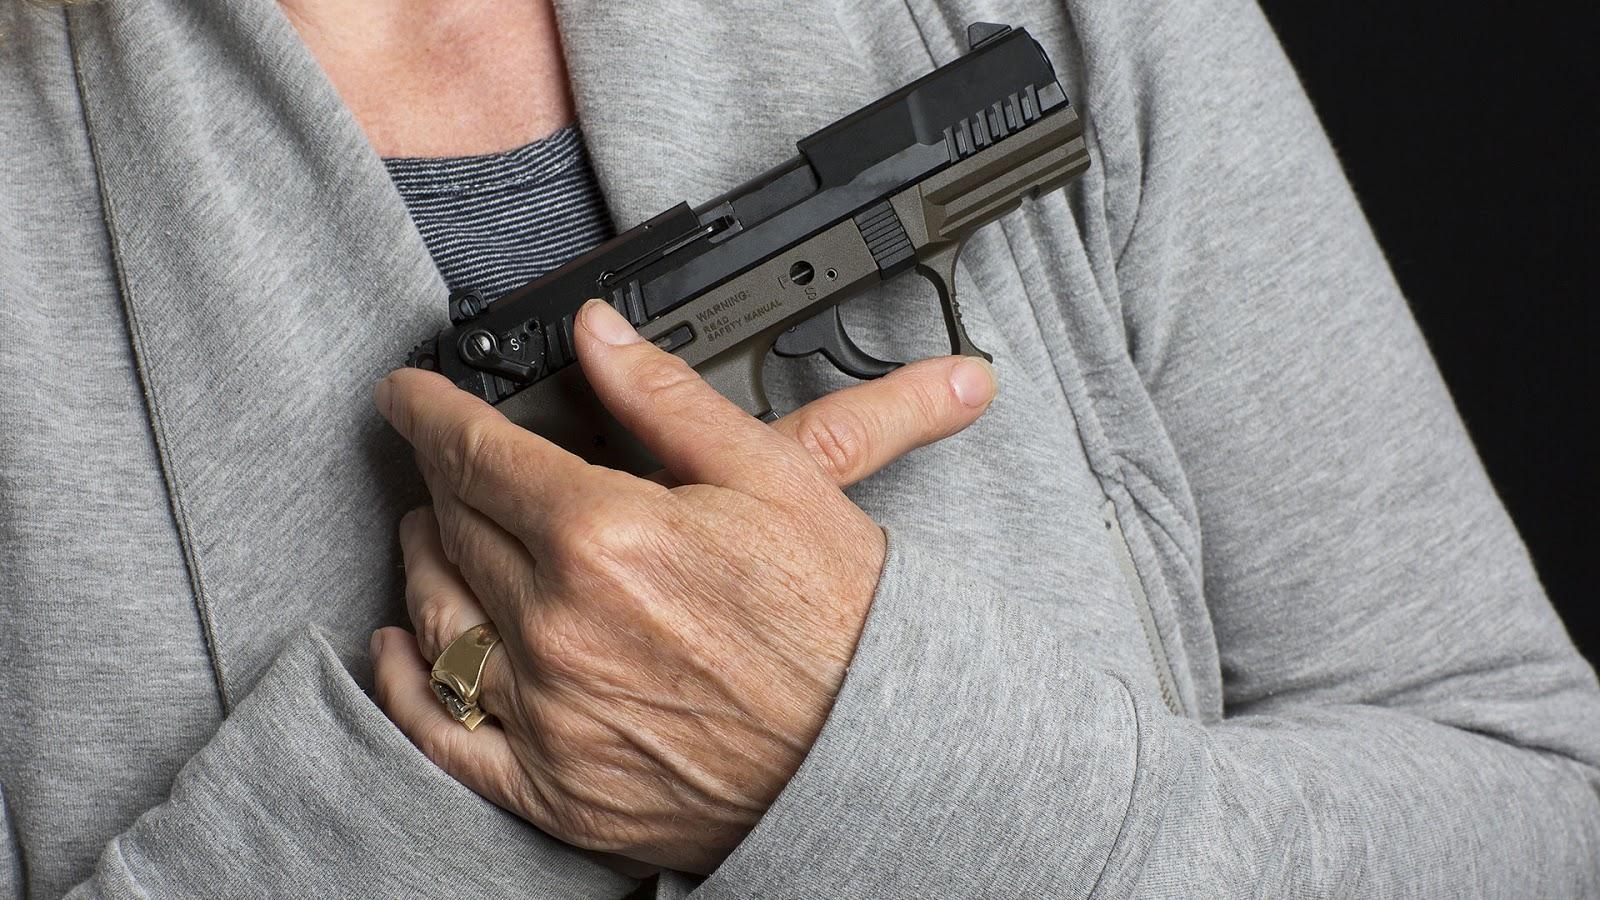 HORNADY LIGHT MAGNUM FIREARMS GUN RIFLE PISTOL AMMO SHOTGUN PATCH MICHIGAN DEER